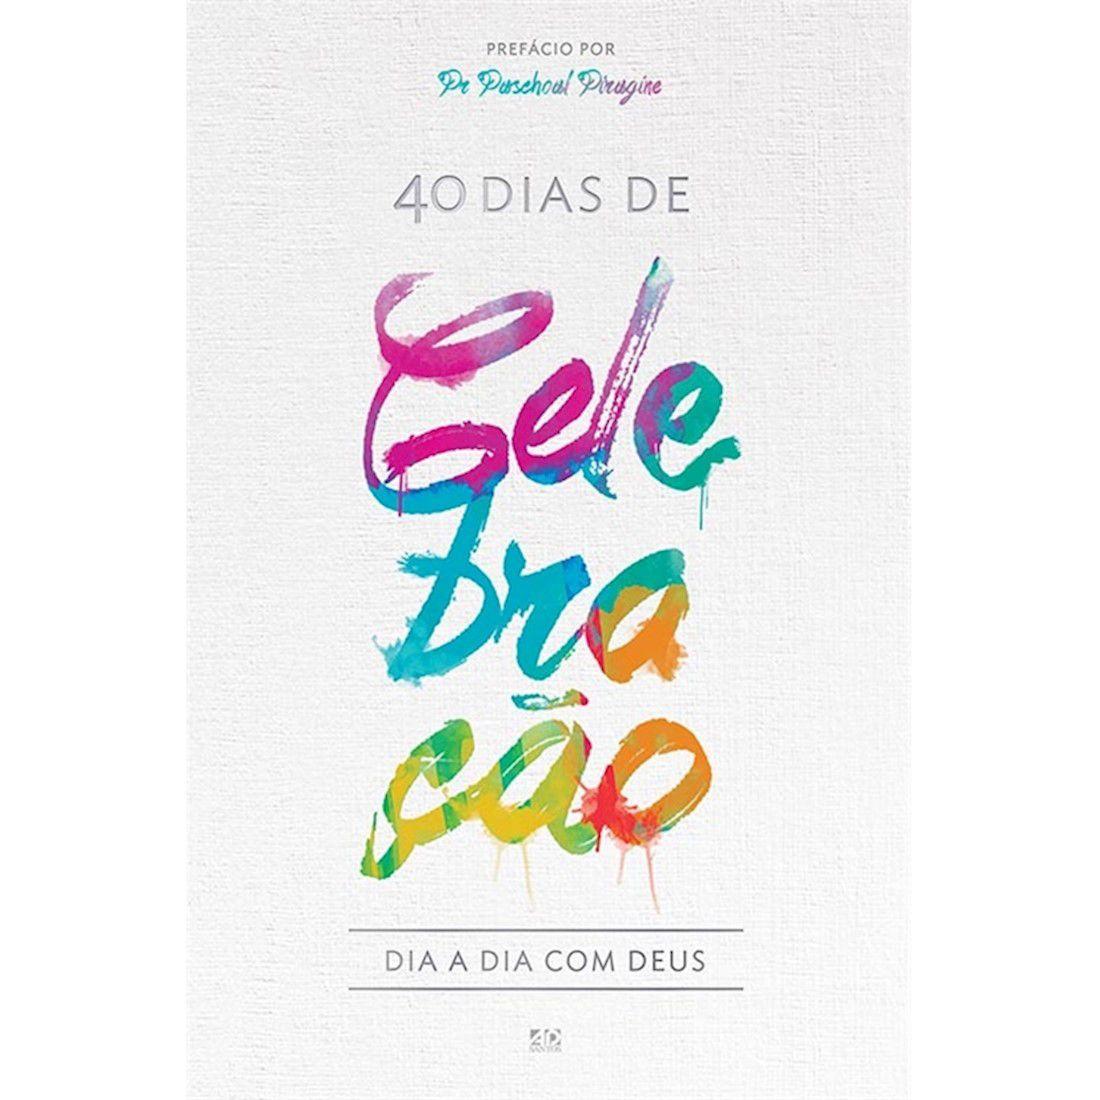 Livro Dia a Dia Com Deus - 40 Dias de Celebração